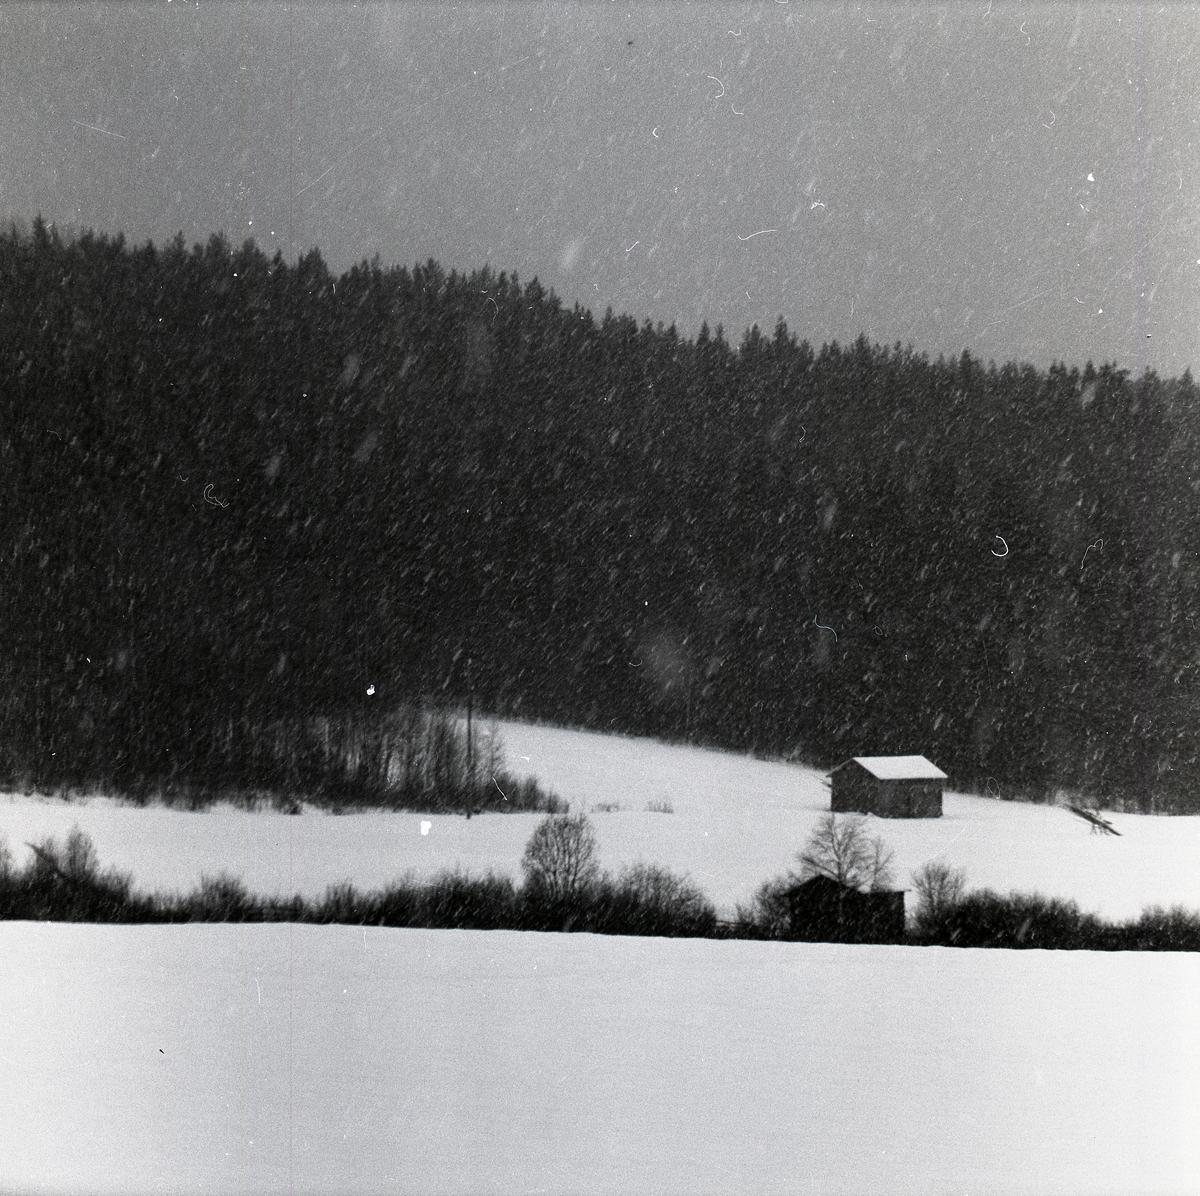 Snöoväder bortåt Västerängen vid Skogberget i Rengsjö 6 december 1959.